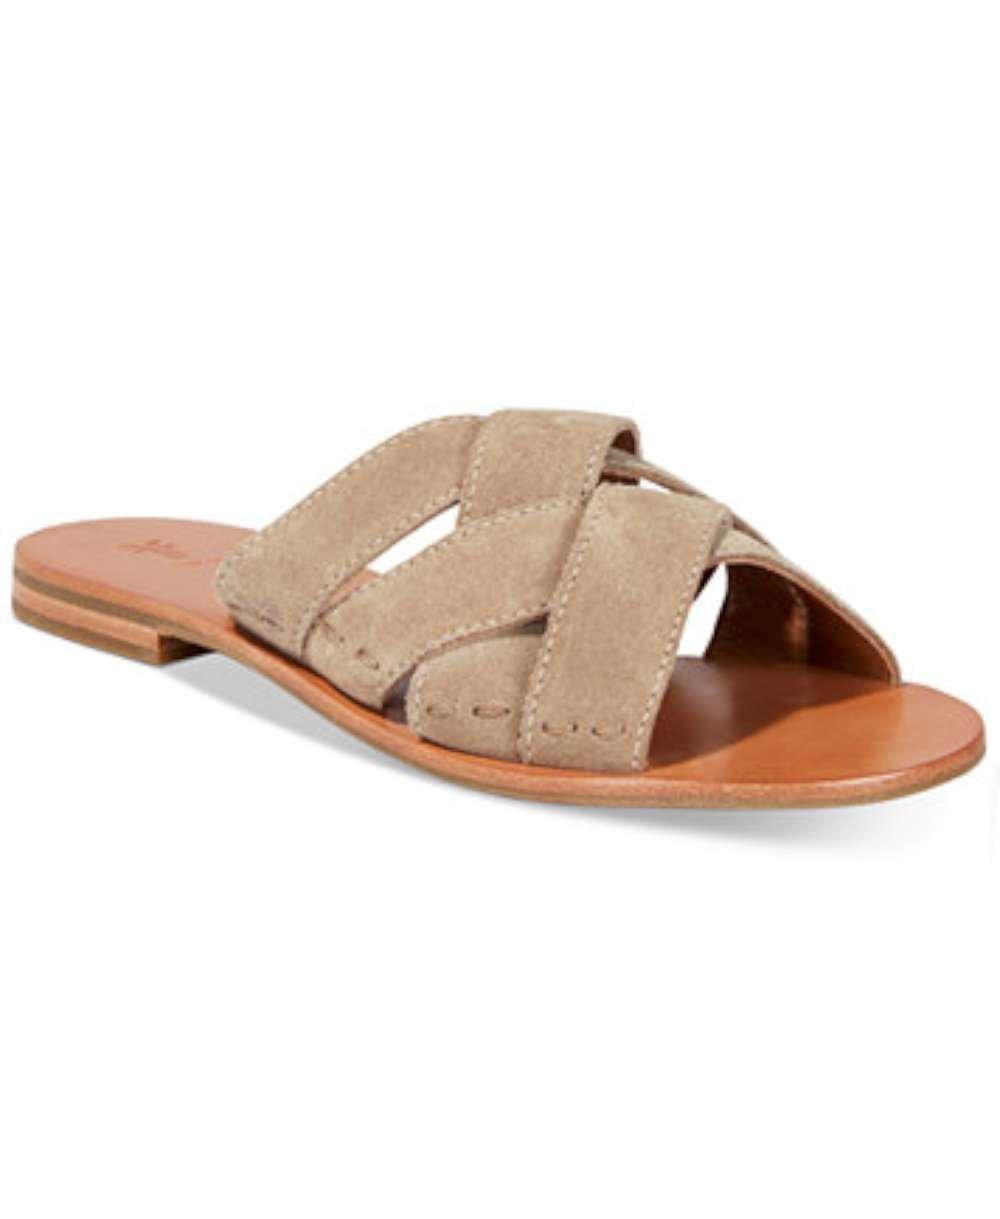 FRYE Womens Carla Criss Cross Open Toe Casual Slide Sandals, Ash, Size 6.5 by FRYE (Image #5)